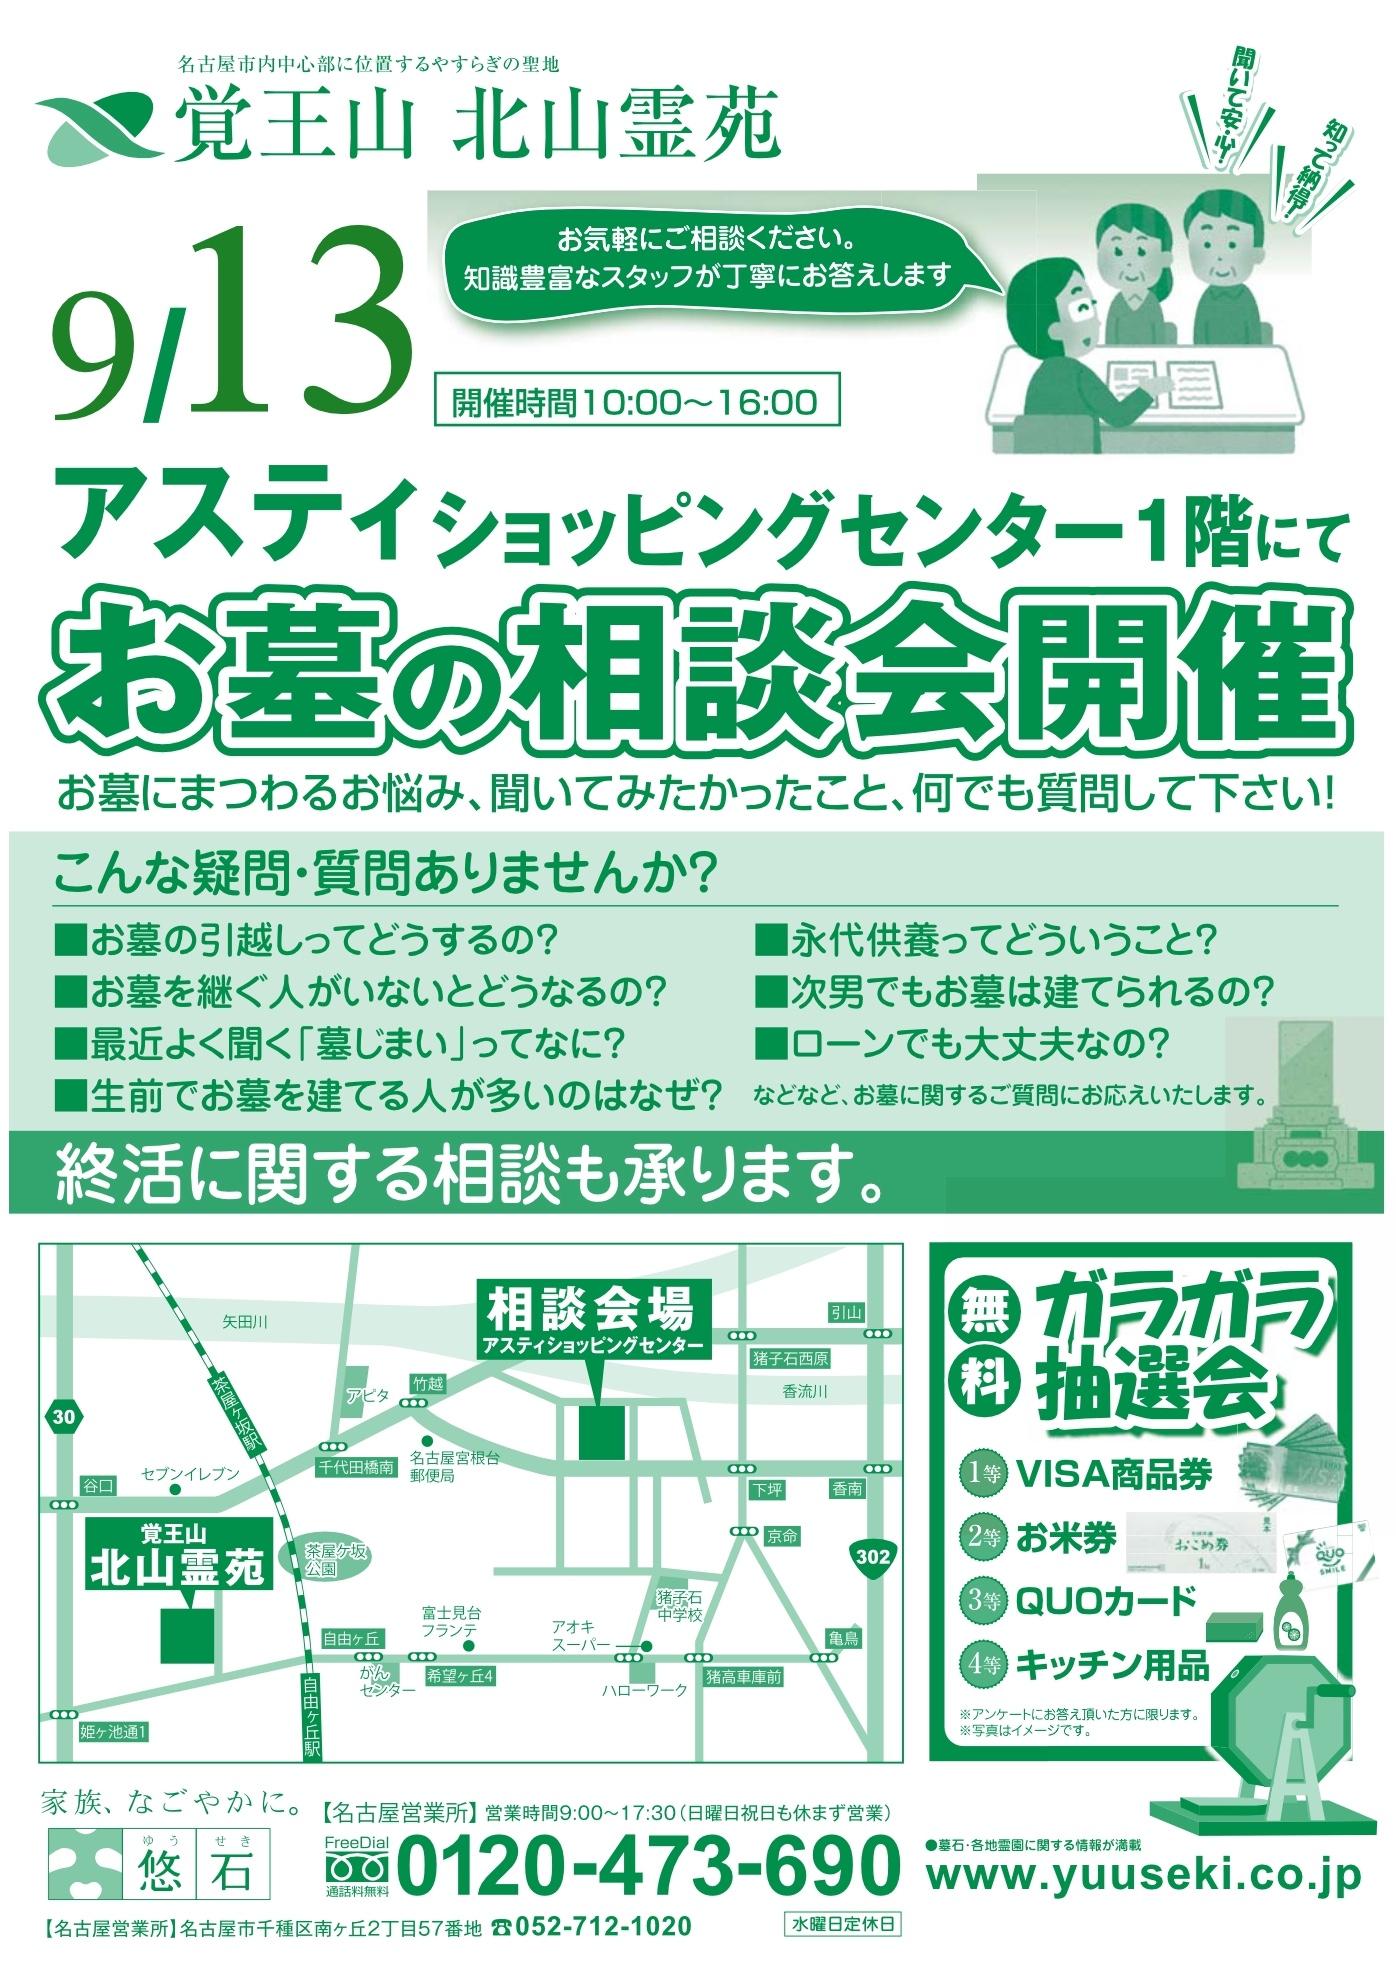 9/13 出張相談会開催